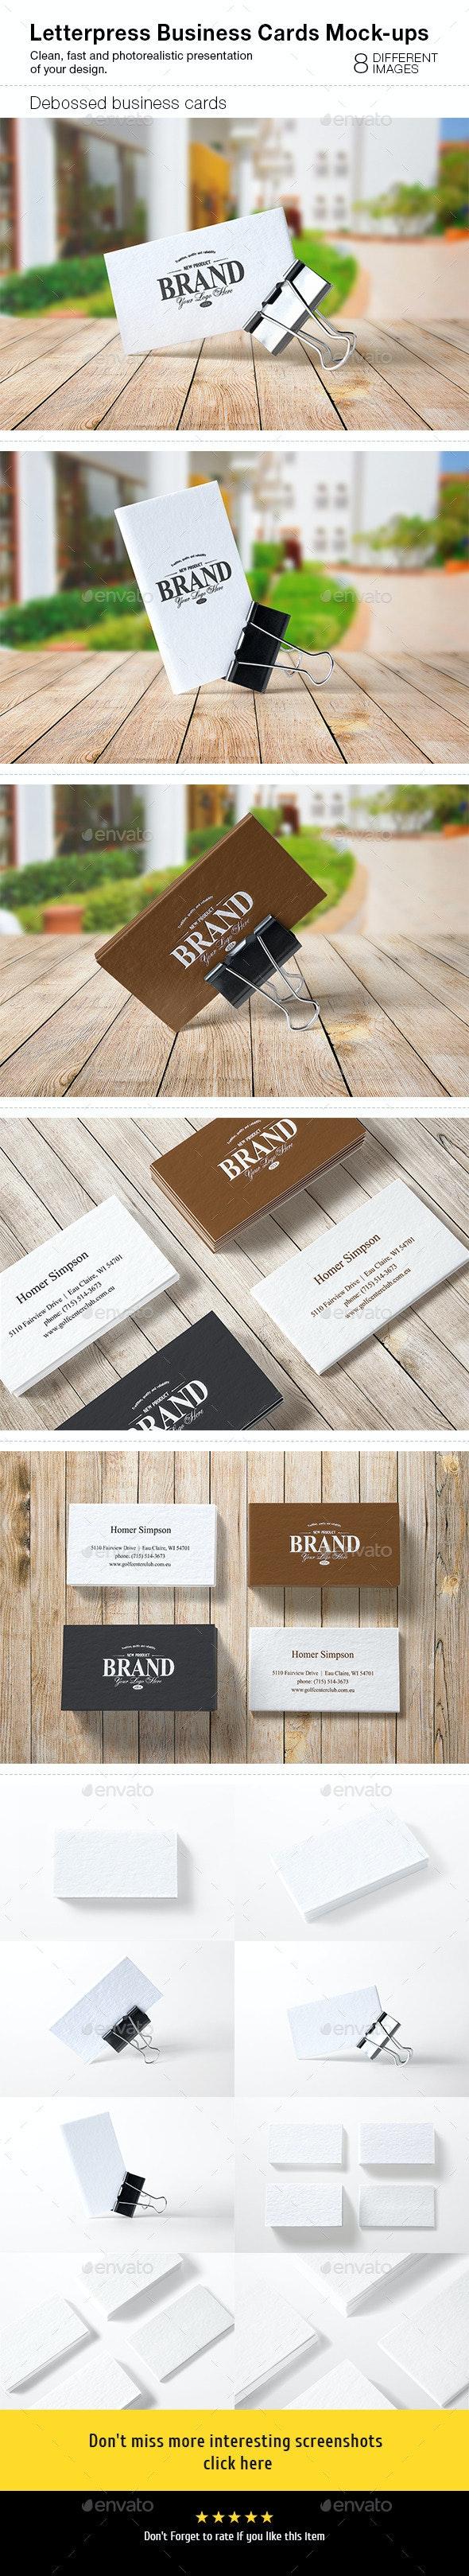 Letterpress Business Cards Mock-Ups - Business Cards Print